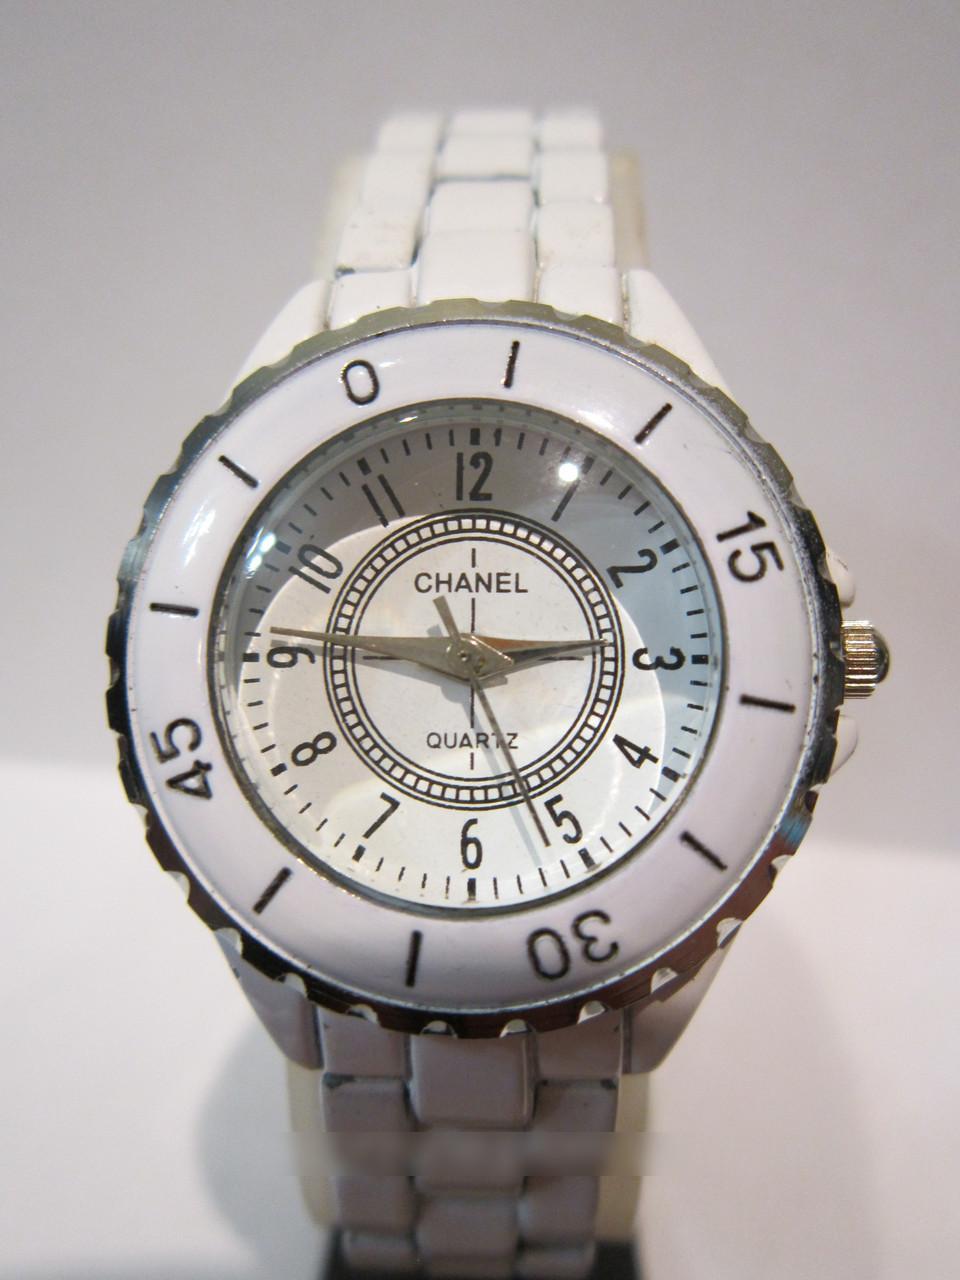 Женские наручные часы Chanel, часы женские каталог - Профприбор Украина в Киеве